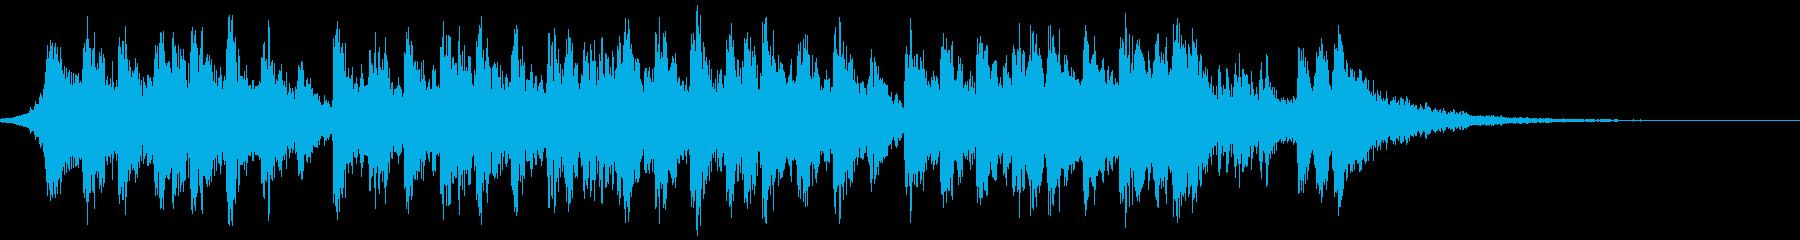 トレーラー・ヒップホップの再生済みの波形